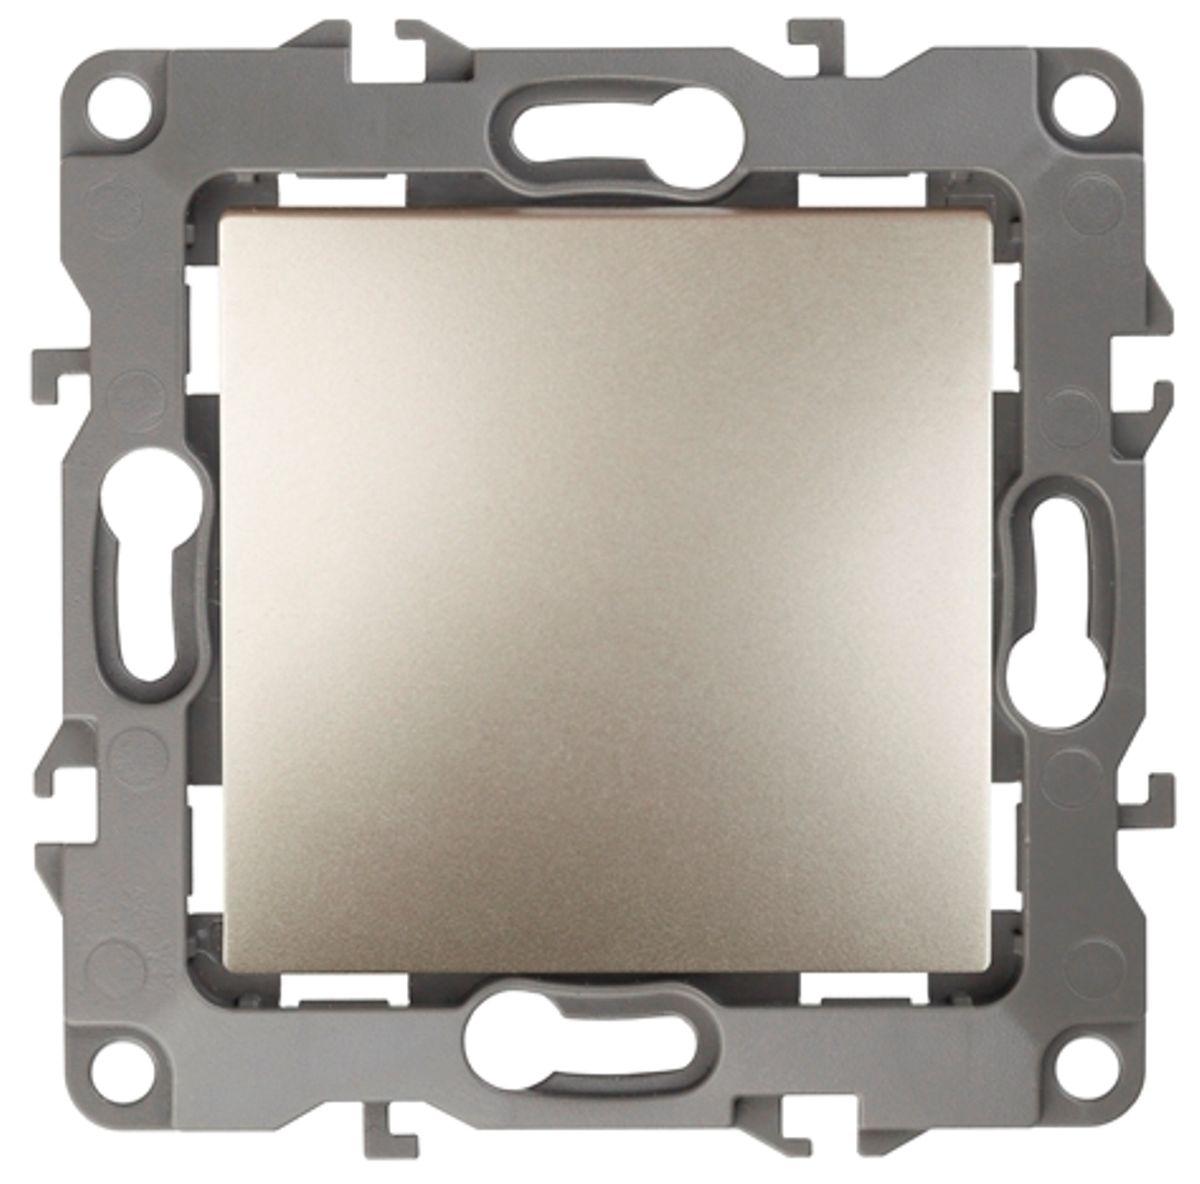 Выключатель ЭРА, цвет: шампань, серый. 12-110112-1101-04Выключатель ЭРА выполнен из прочного пластика, контакты бронзовые. Изделие просто в установке, надежно в эксплуатации. Выключатель имеет специальные фиксаторы, которые не дают ему смещаться как при монтаже, так и в процессе эксплуатации. Автоматические зажимы кабеля обеспечивают быстрый и надежный монтаж изделия к электросети без отвертки и не требуют обслуживания в отличие от винтовых зажимов.